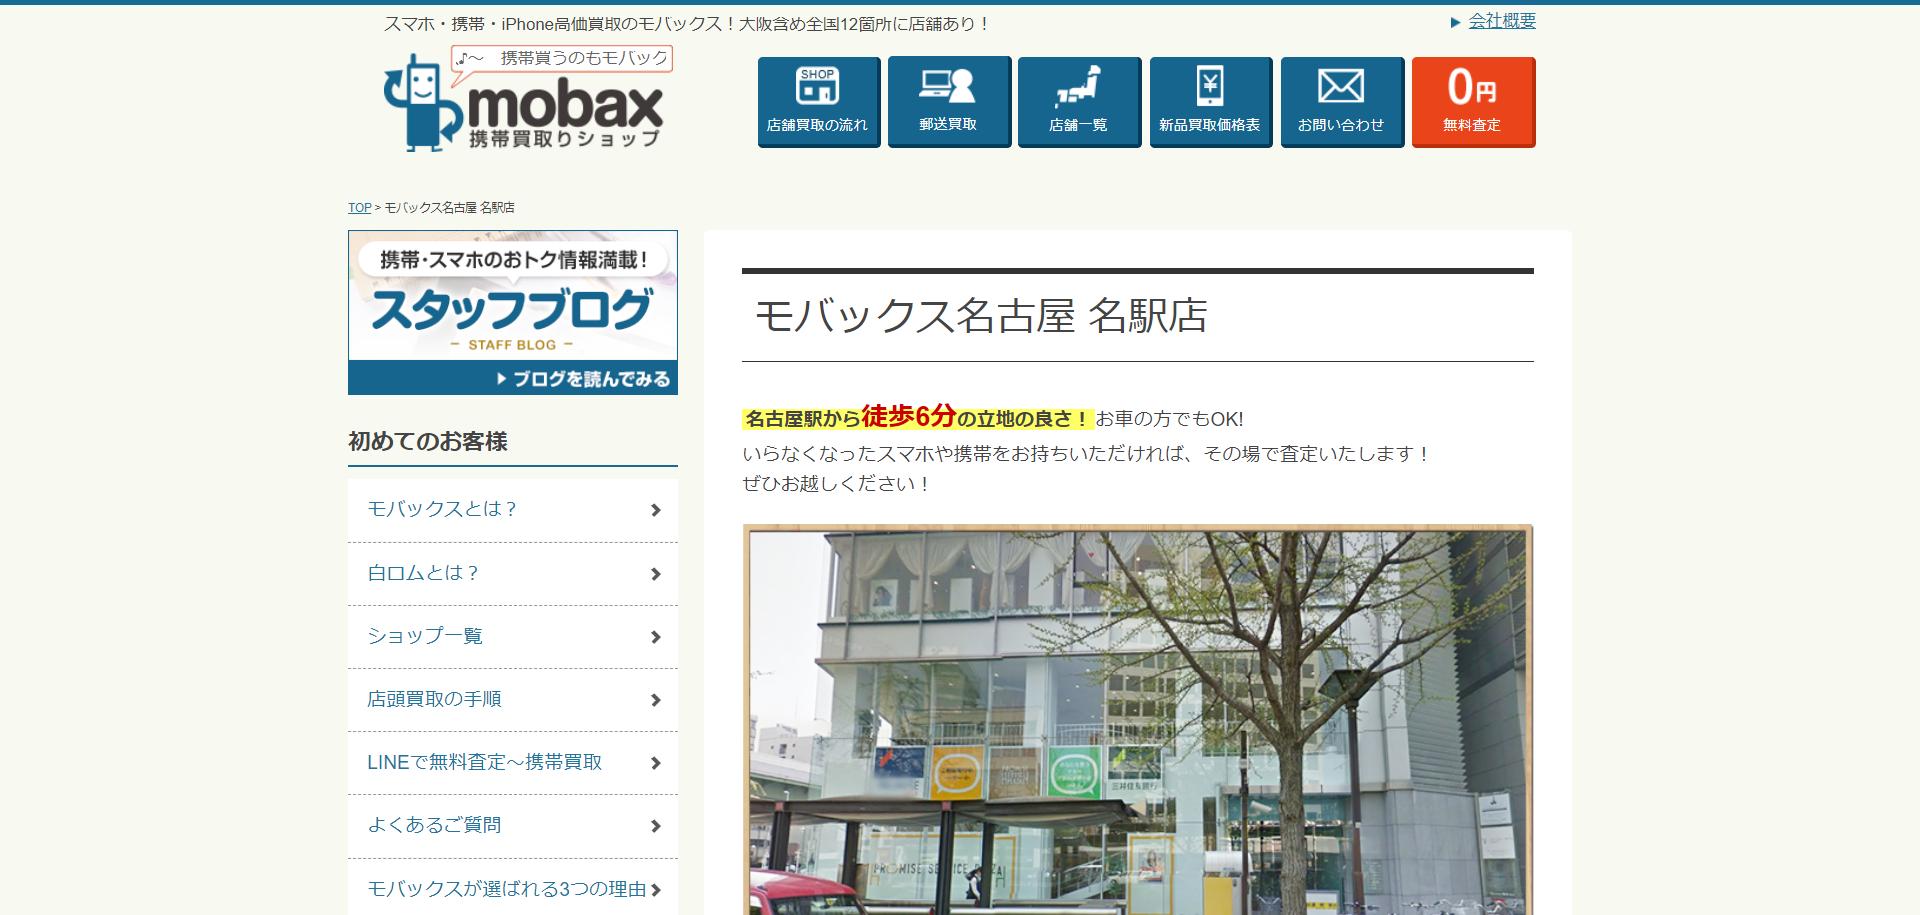 モバックス名古屋